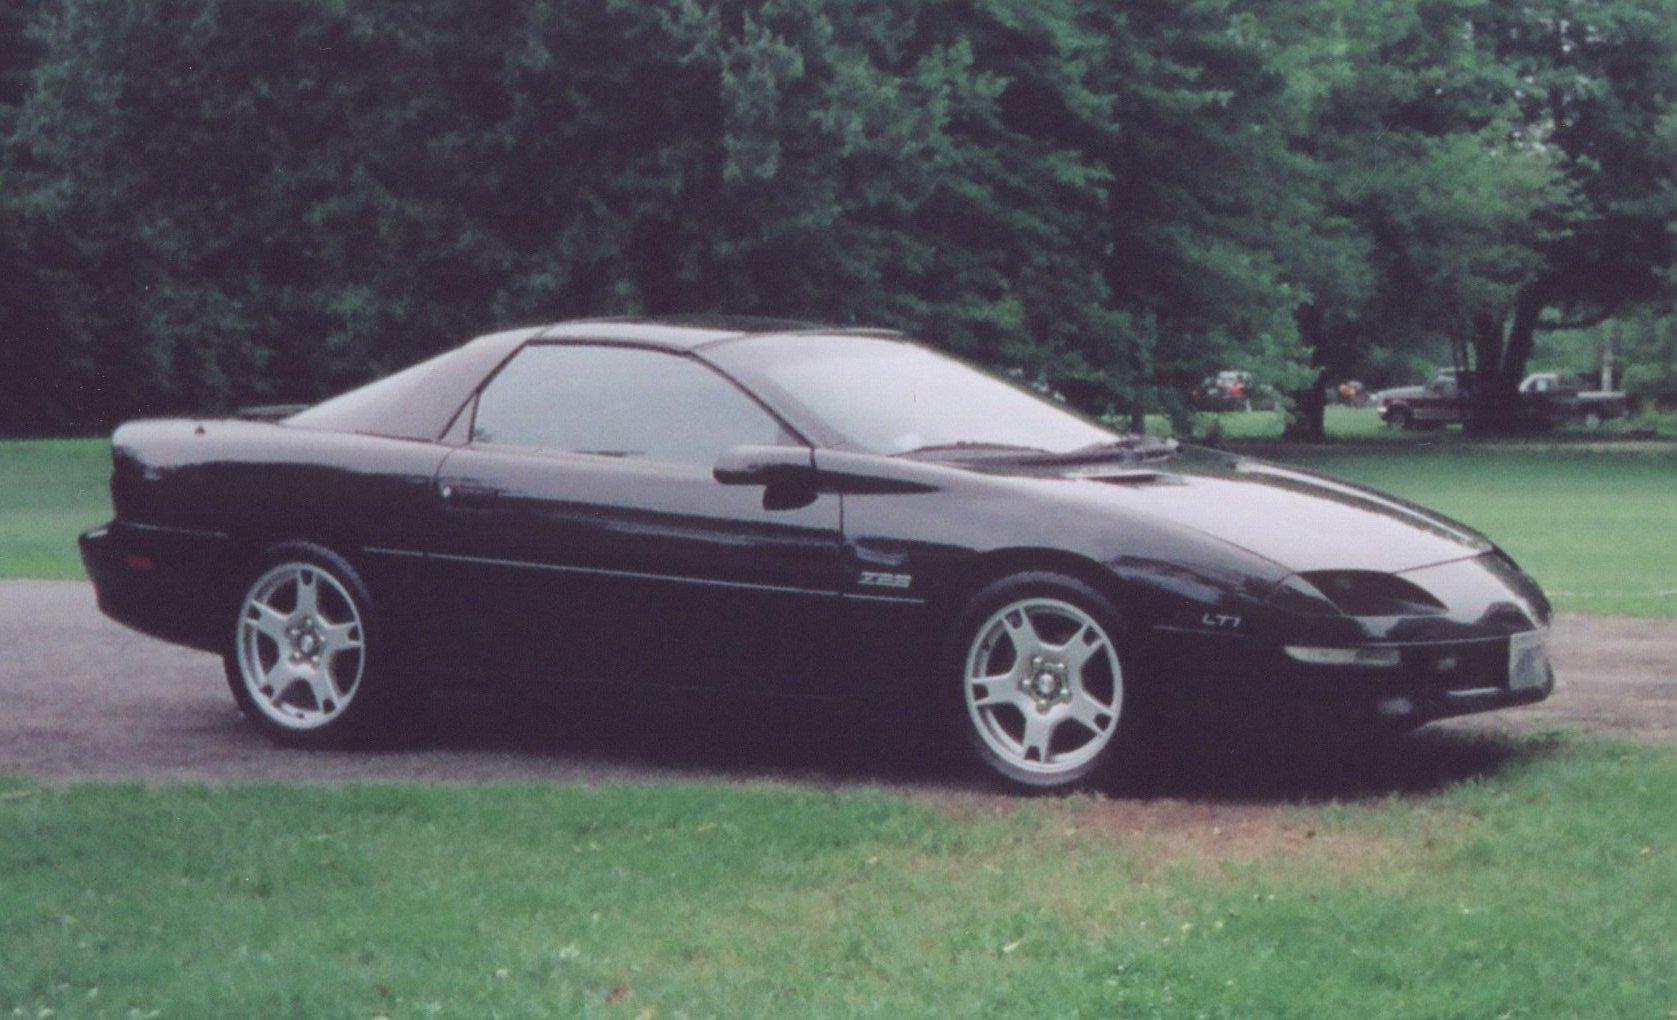 Camaro chevy camaro 1995 : John in RI 1995 Chevrolet Camaro Z28